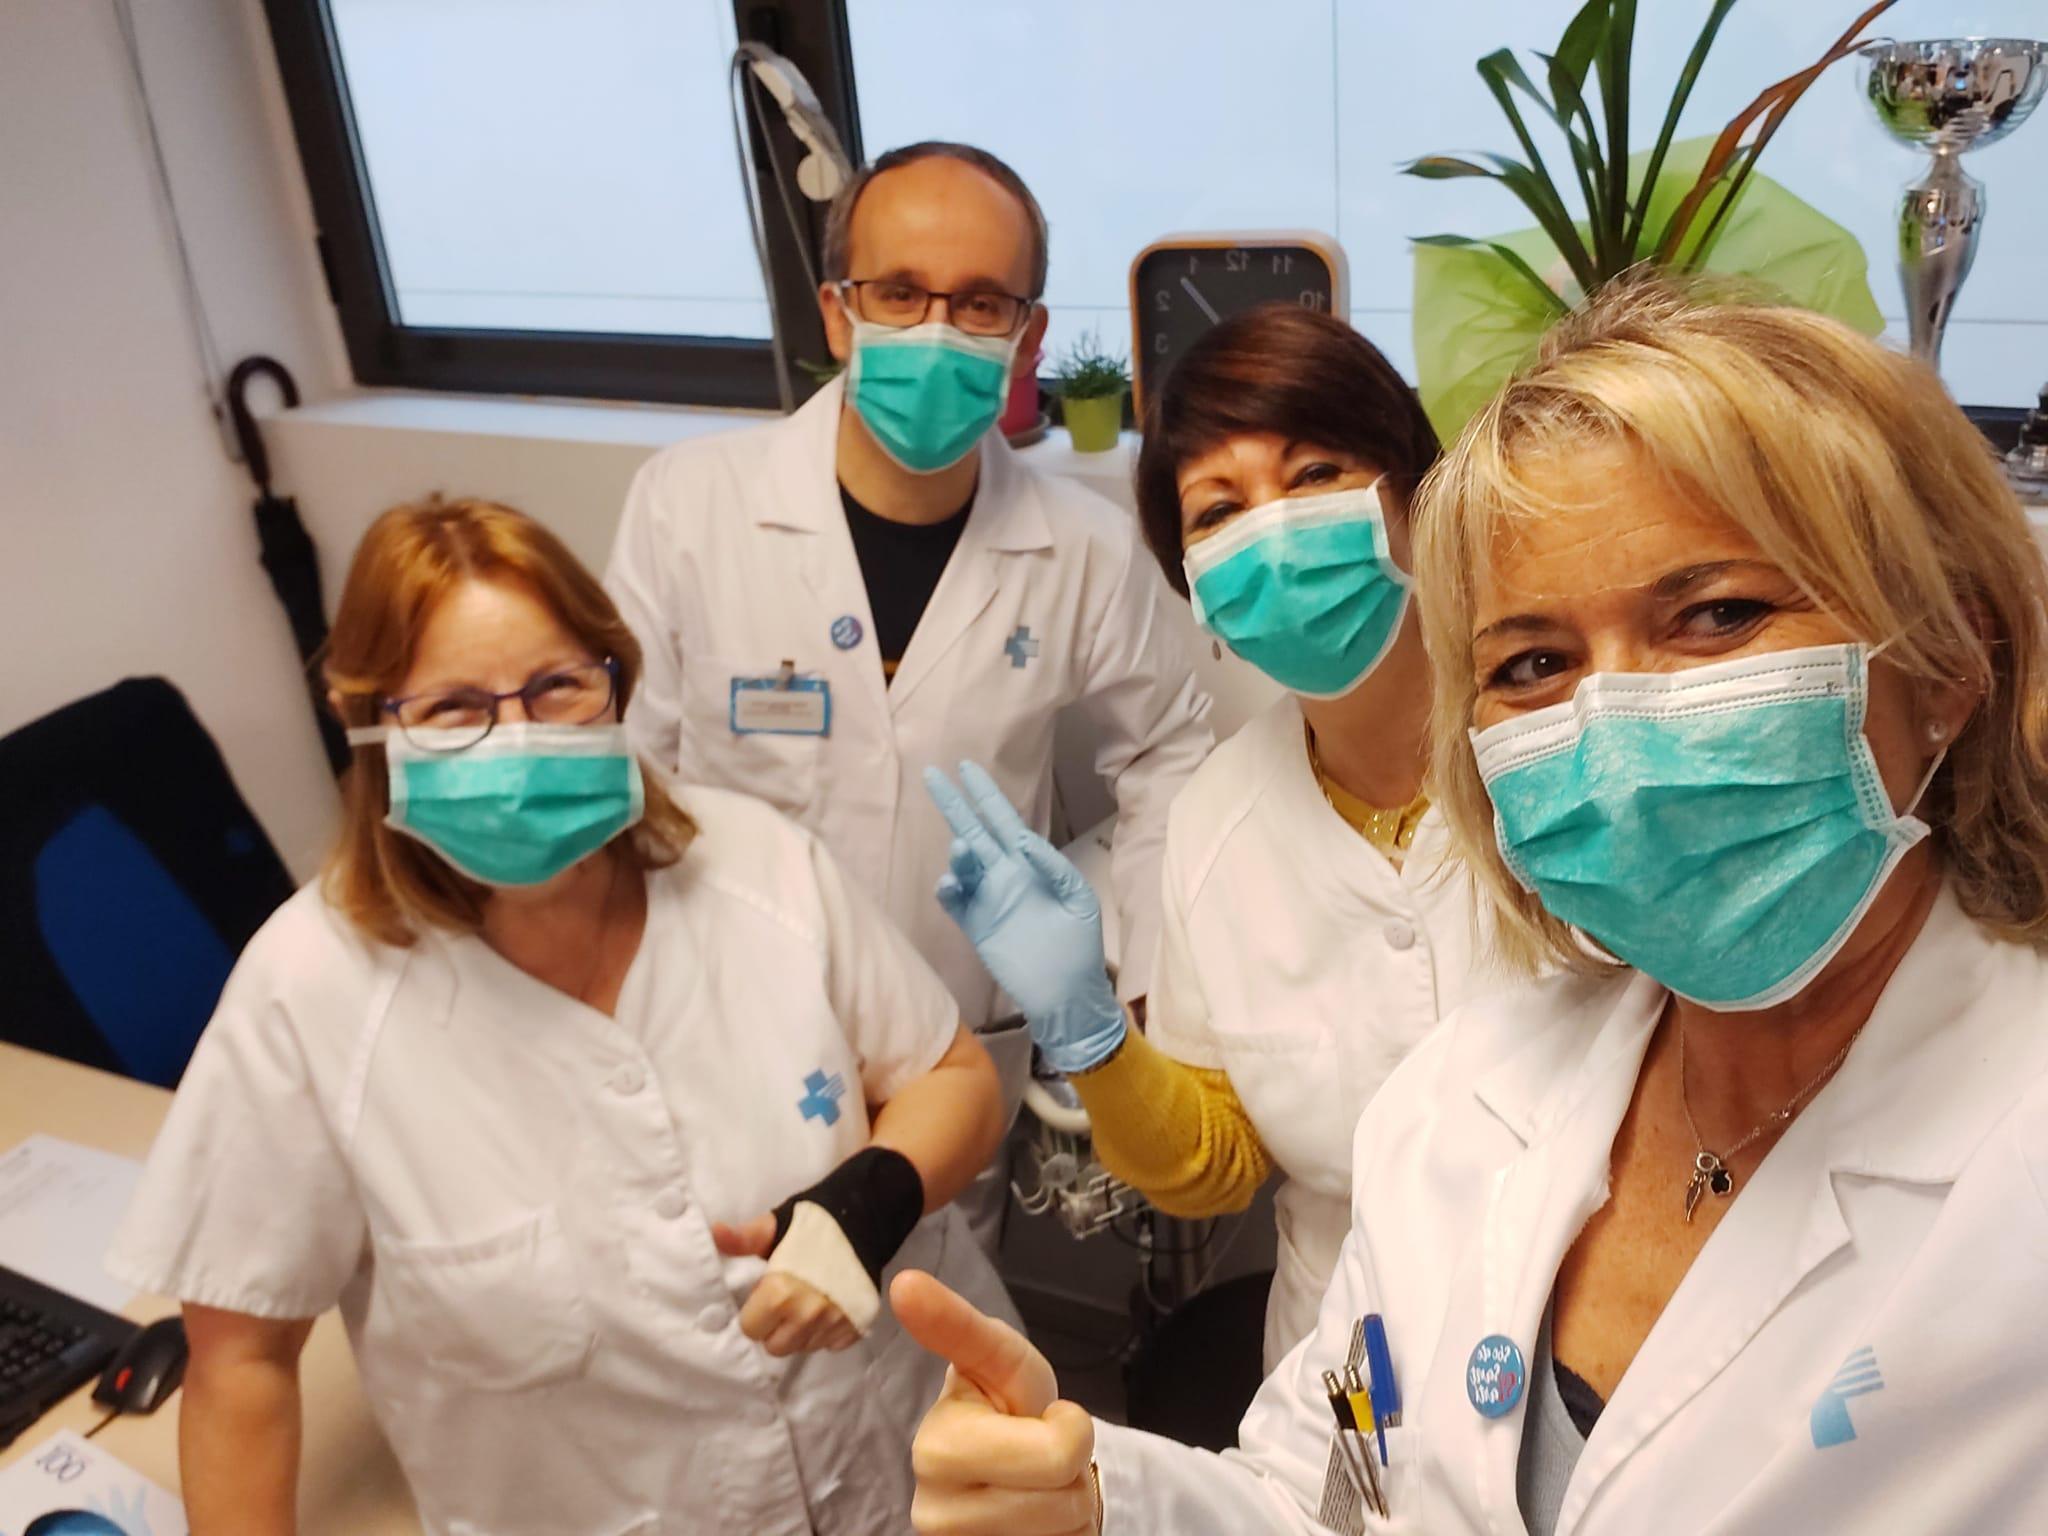 Professionals d'un ambulatori de Barcelona durant la pandèmia de coronavirus / ICS Barcelona